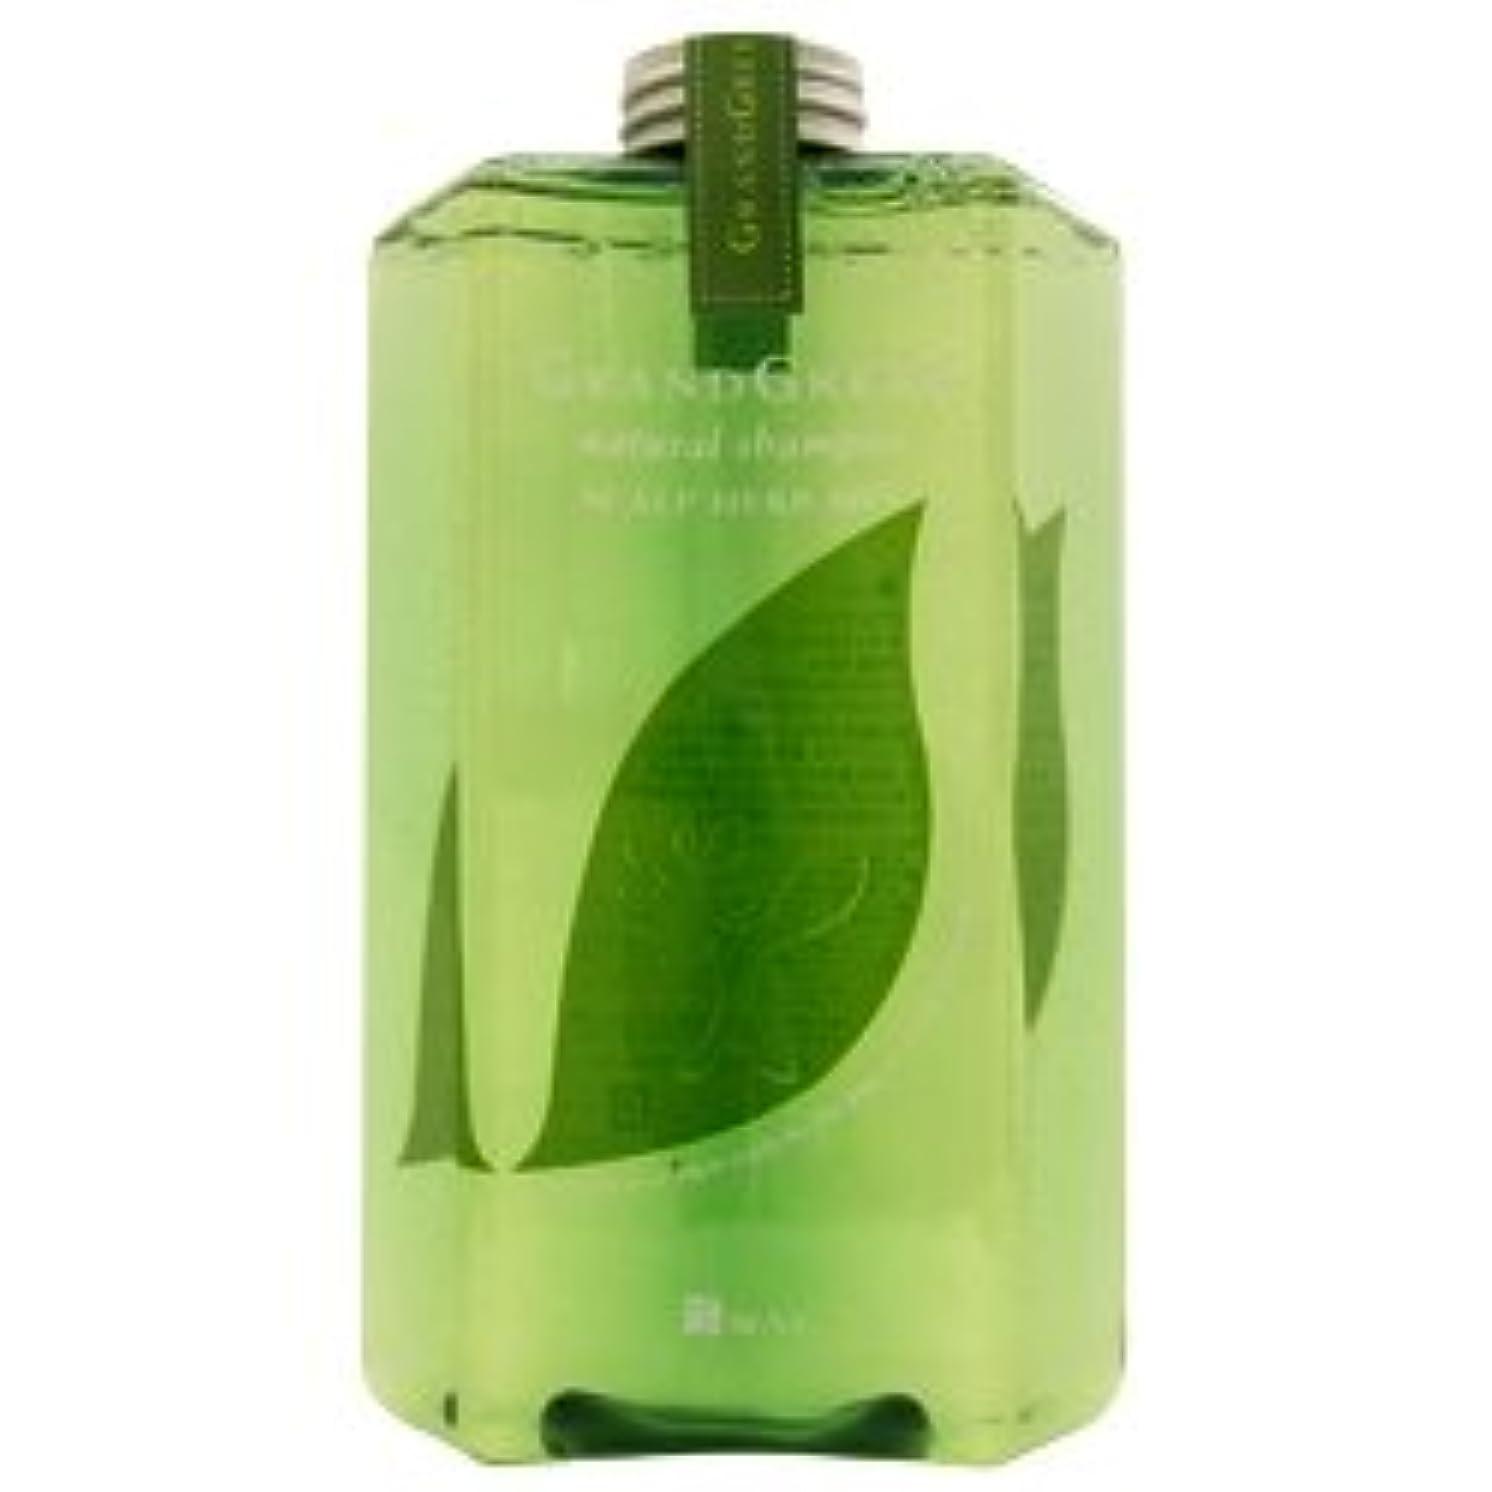 バナナバルコニーポンドニューウェイジャパン グラングリーン ナチュラルシャンプー 560ml  ポンプ付 NewayJapan